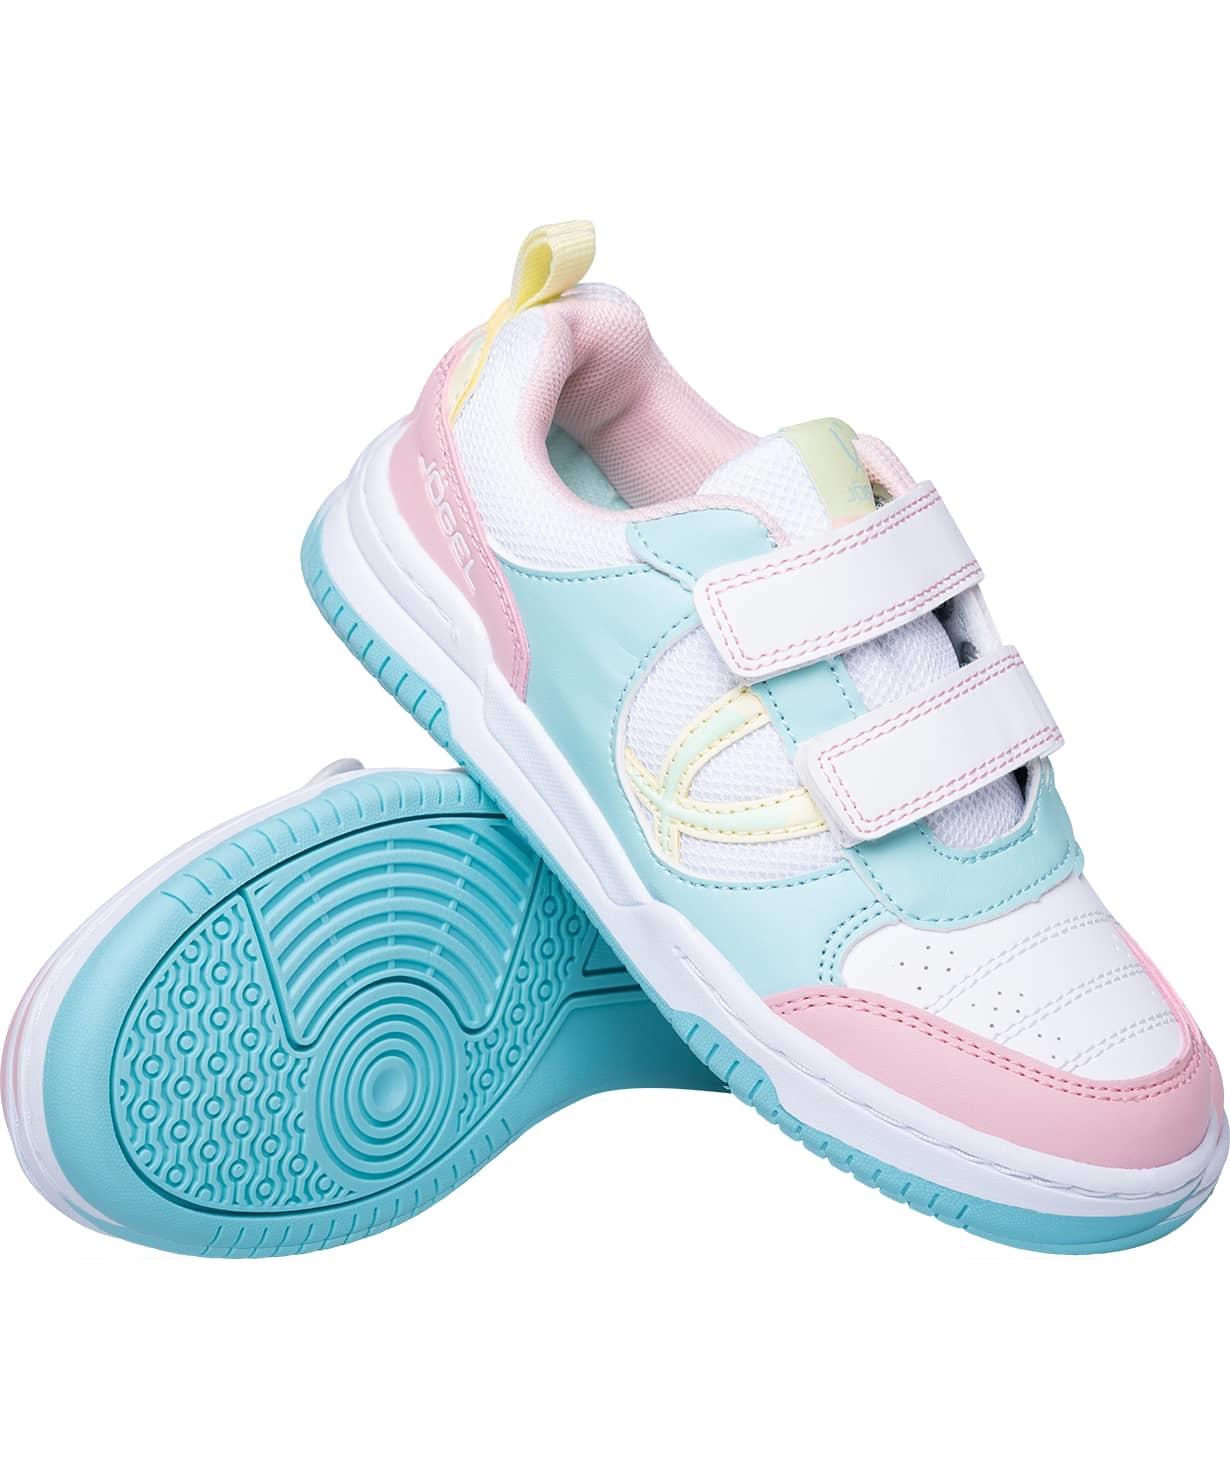 Обувь спортивная Salto JSH105-K, розовый/мятный/желтый, р. 28-35